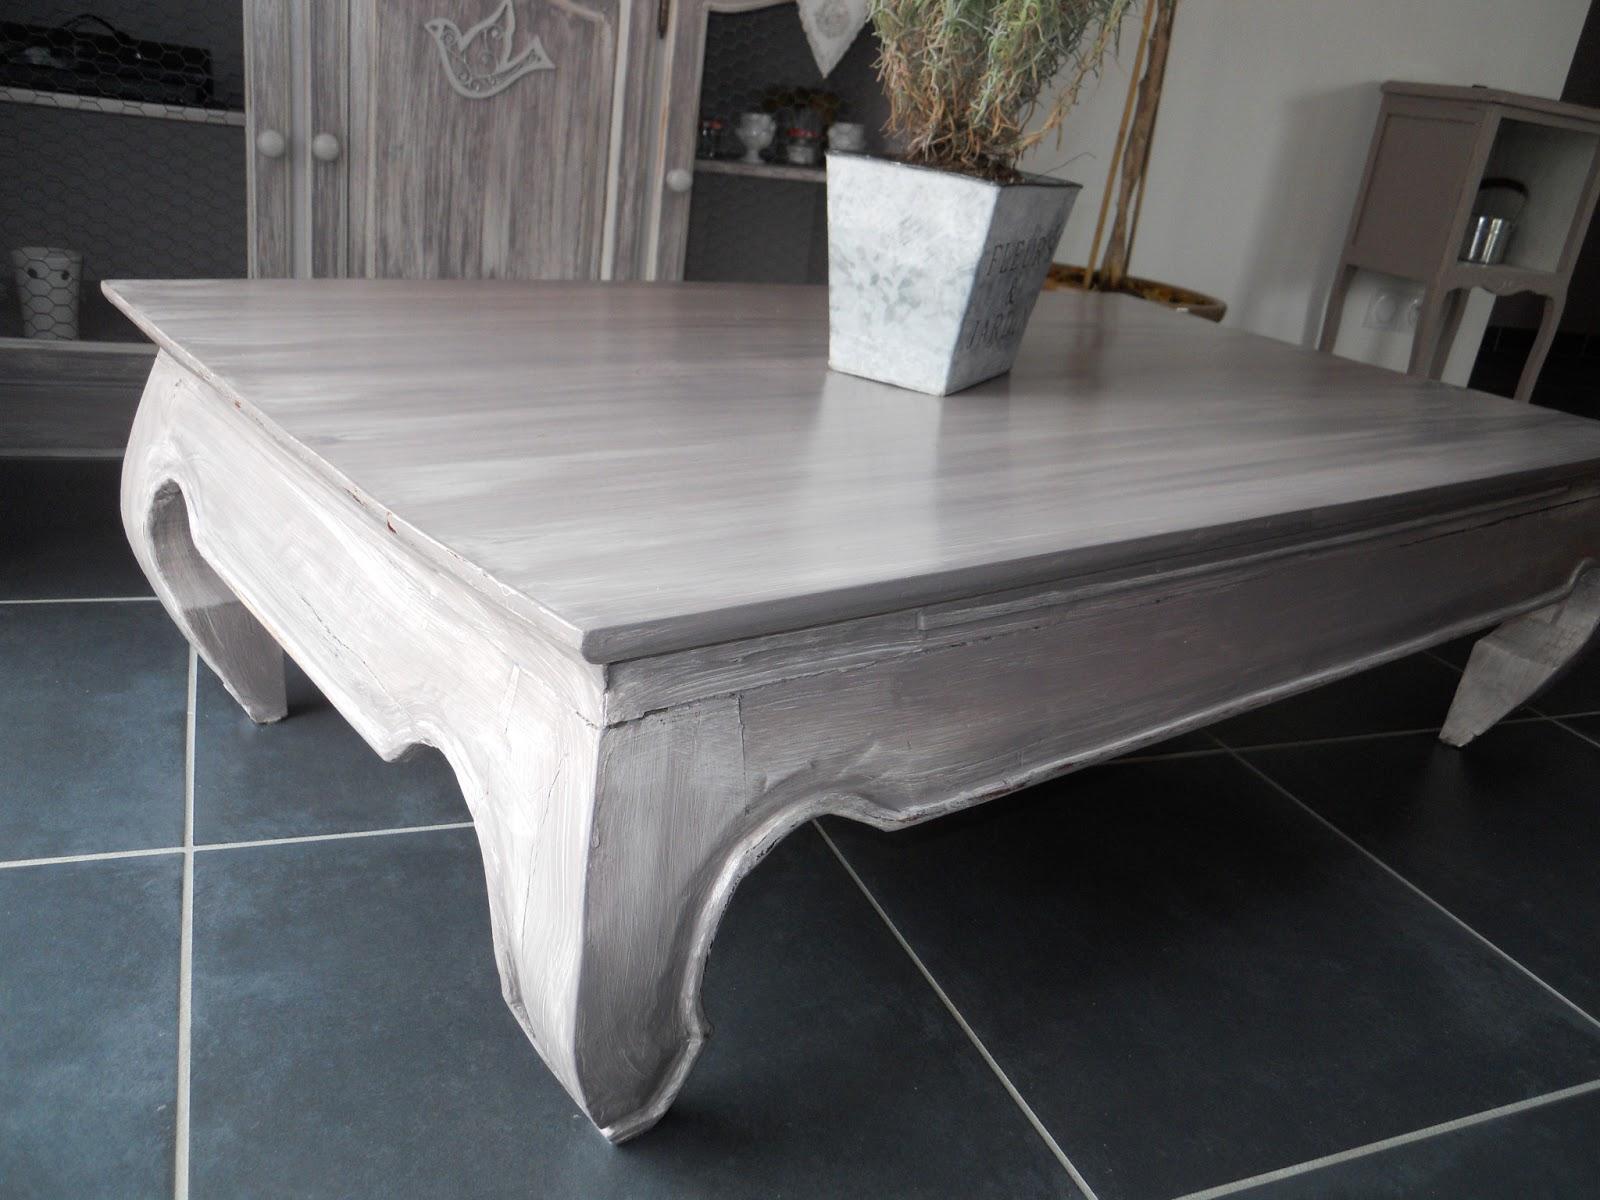 Meubles d co coup de coeur pour cette magnifique table - Cette de table ...